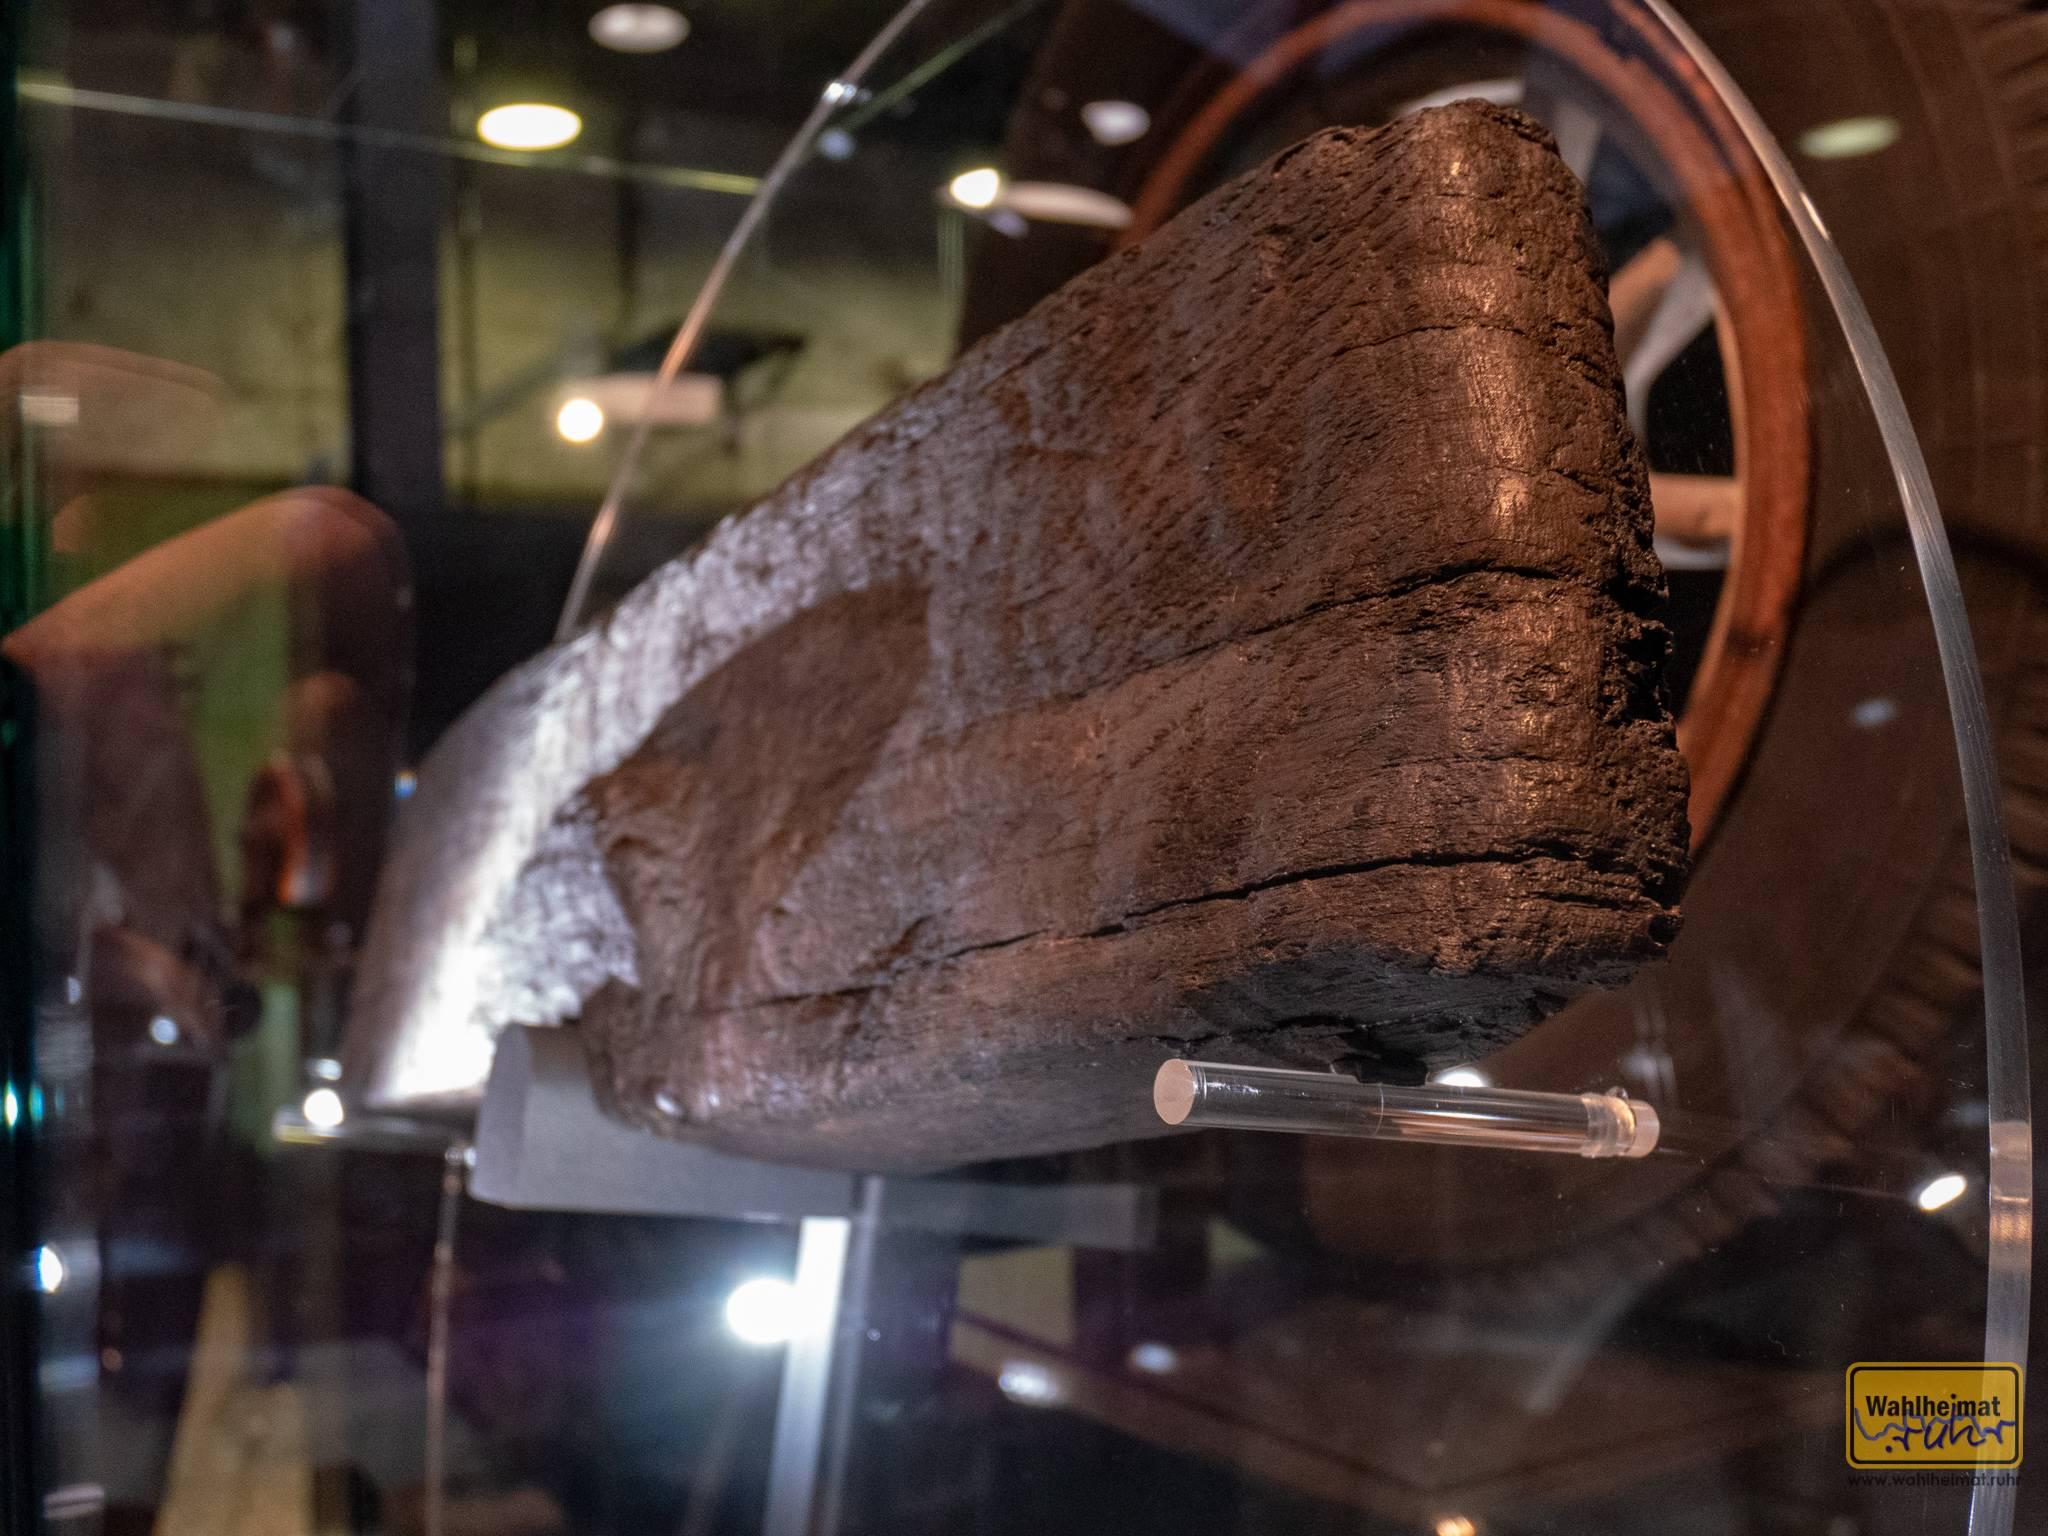 Schon in der Jungsteinzeit kannte man Räder. Wie hier an diesem Teilstück aus einem Moorfund zu sehen ist.